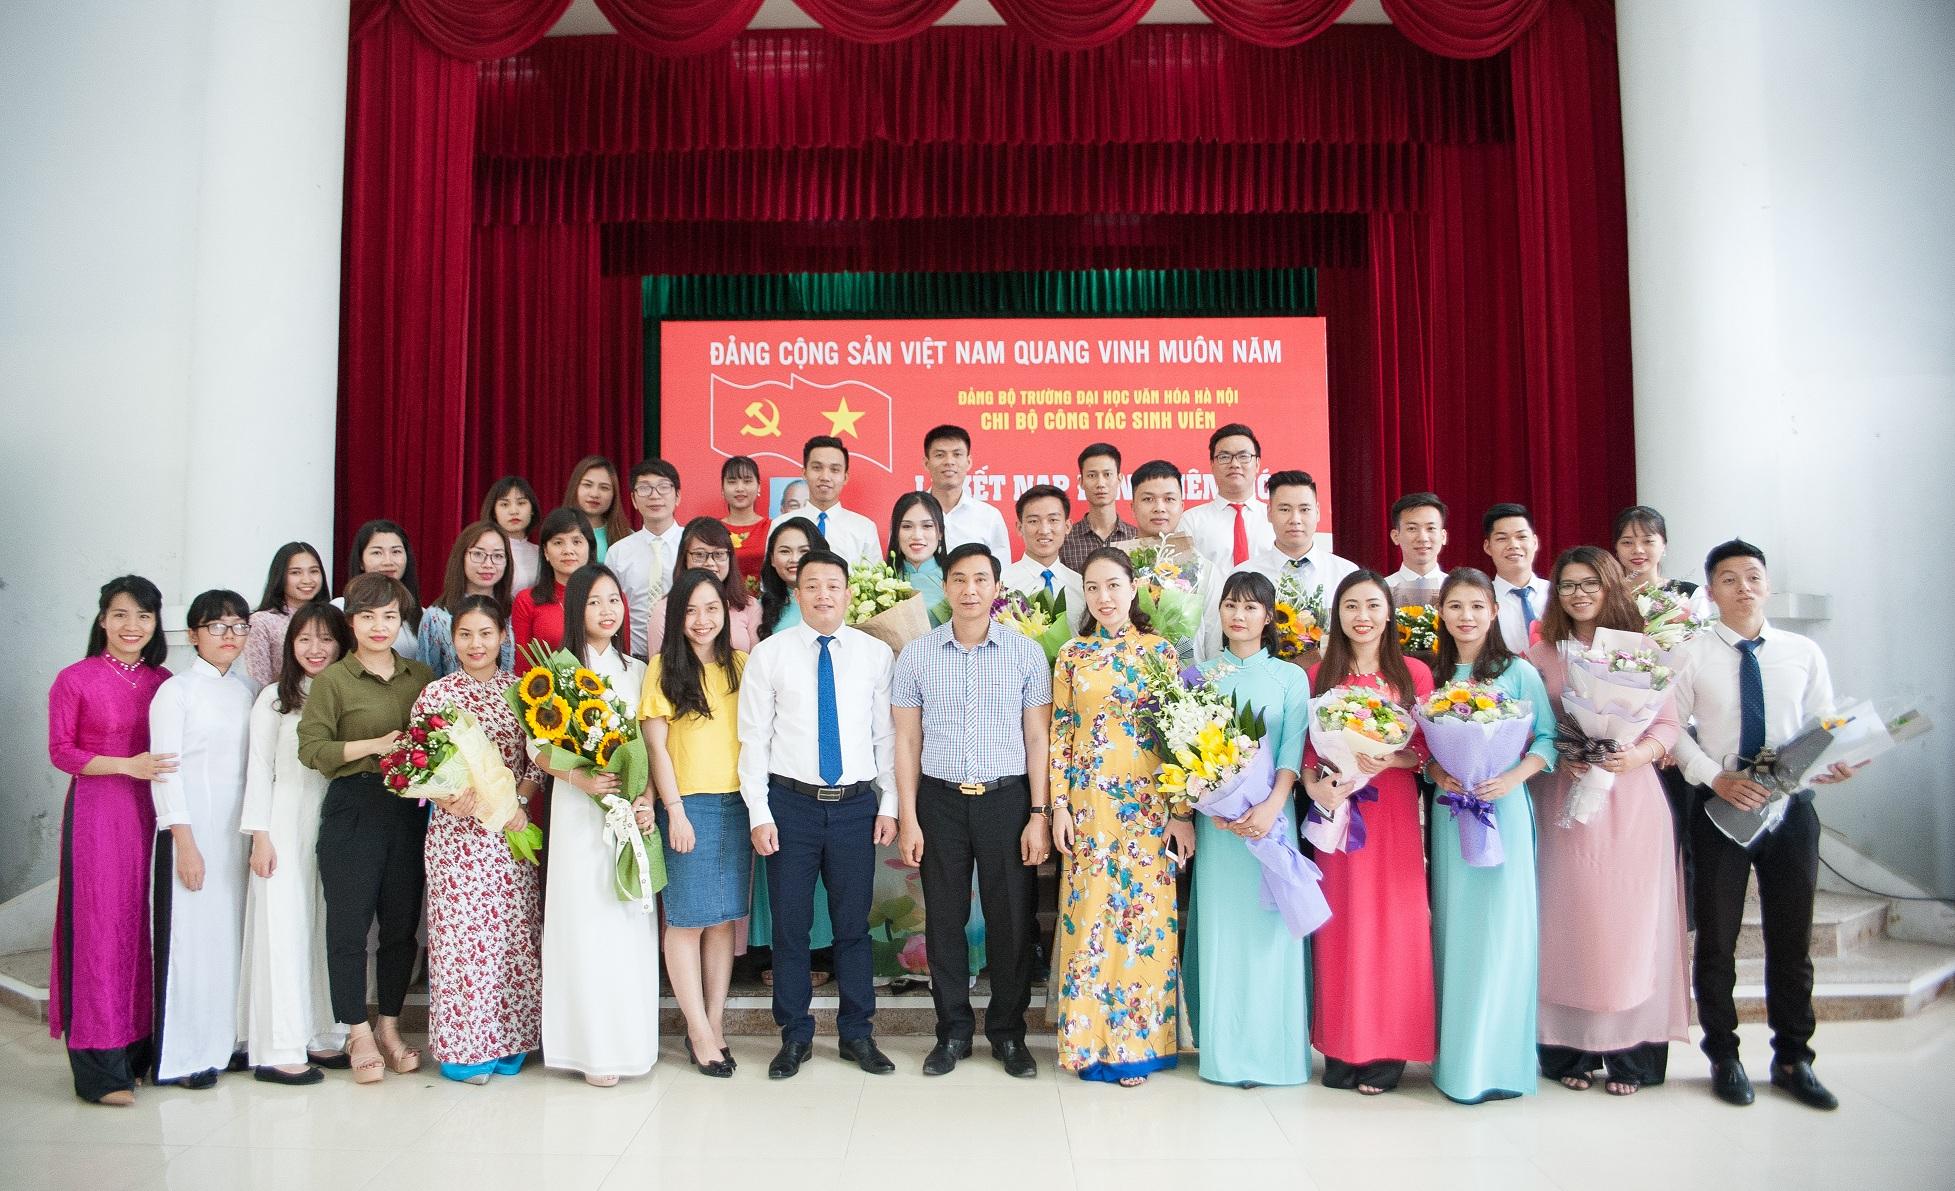 17 sinh viên ưu tú Trường Đại học Văn hóa Hà Nội được kết nạp Đảng